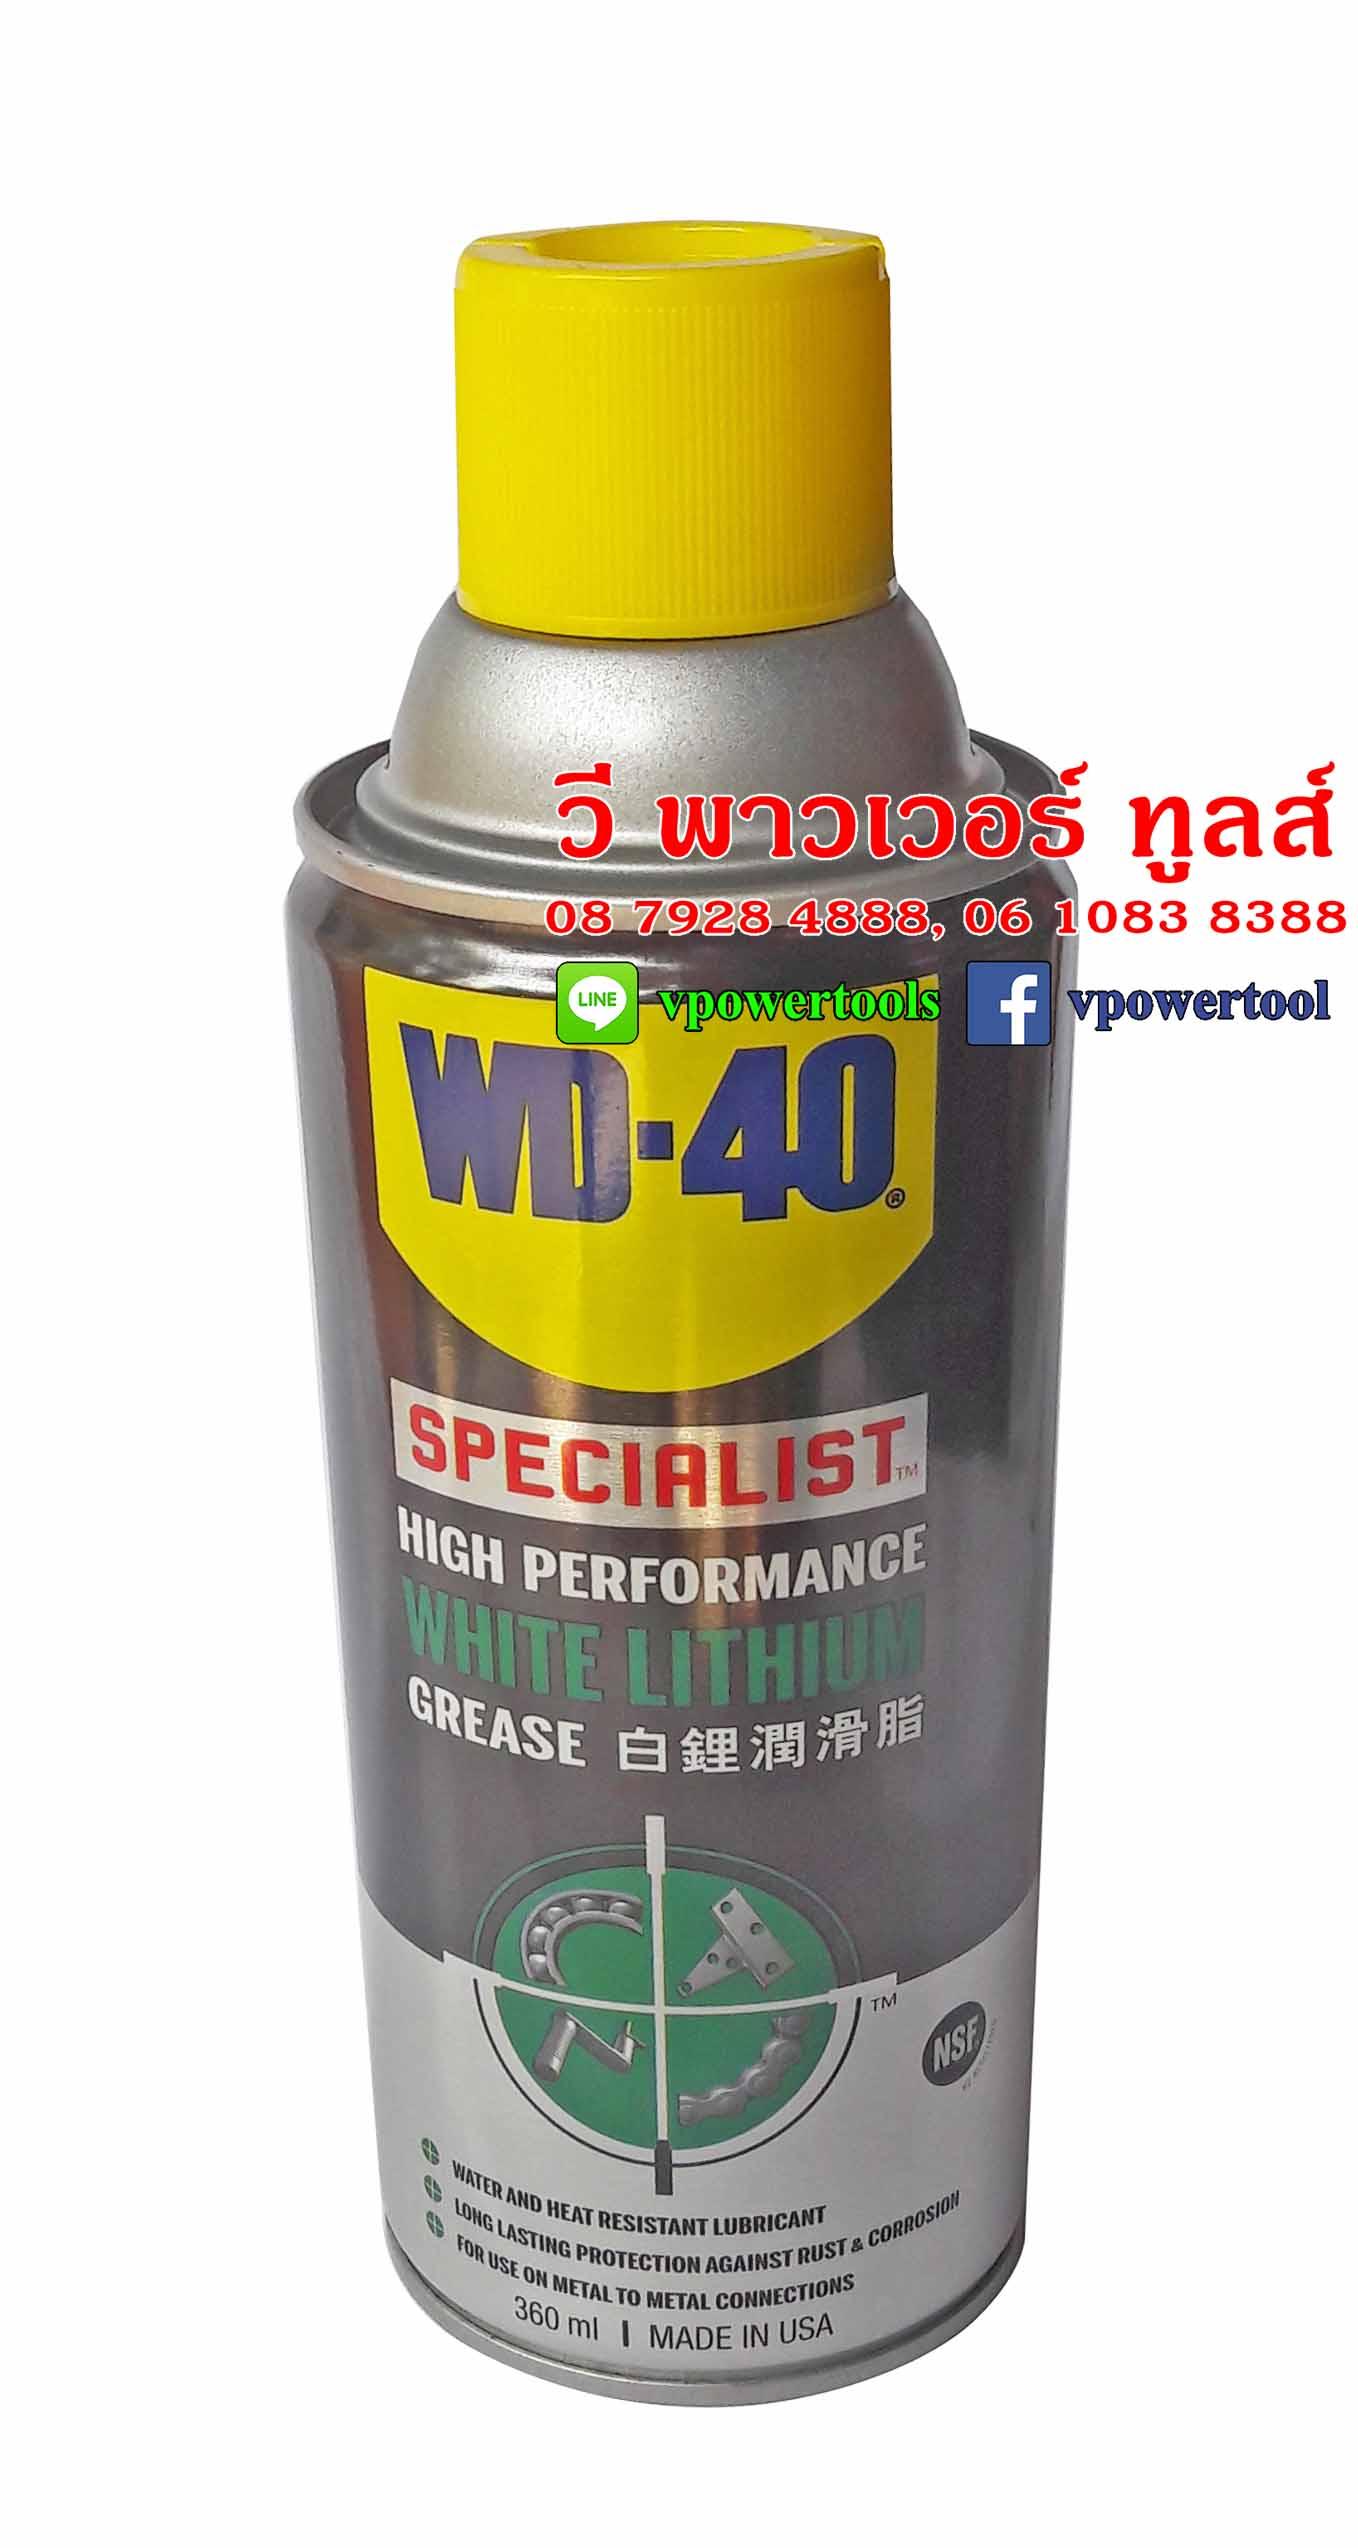 WD-40 SPECIALIST WHITE LITHIUM GREASE ไวท์ ลิเธียม จารบีสเปรย์ สีขาว 360 มล.